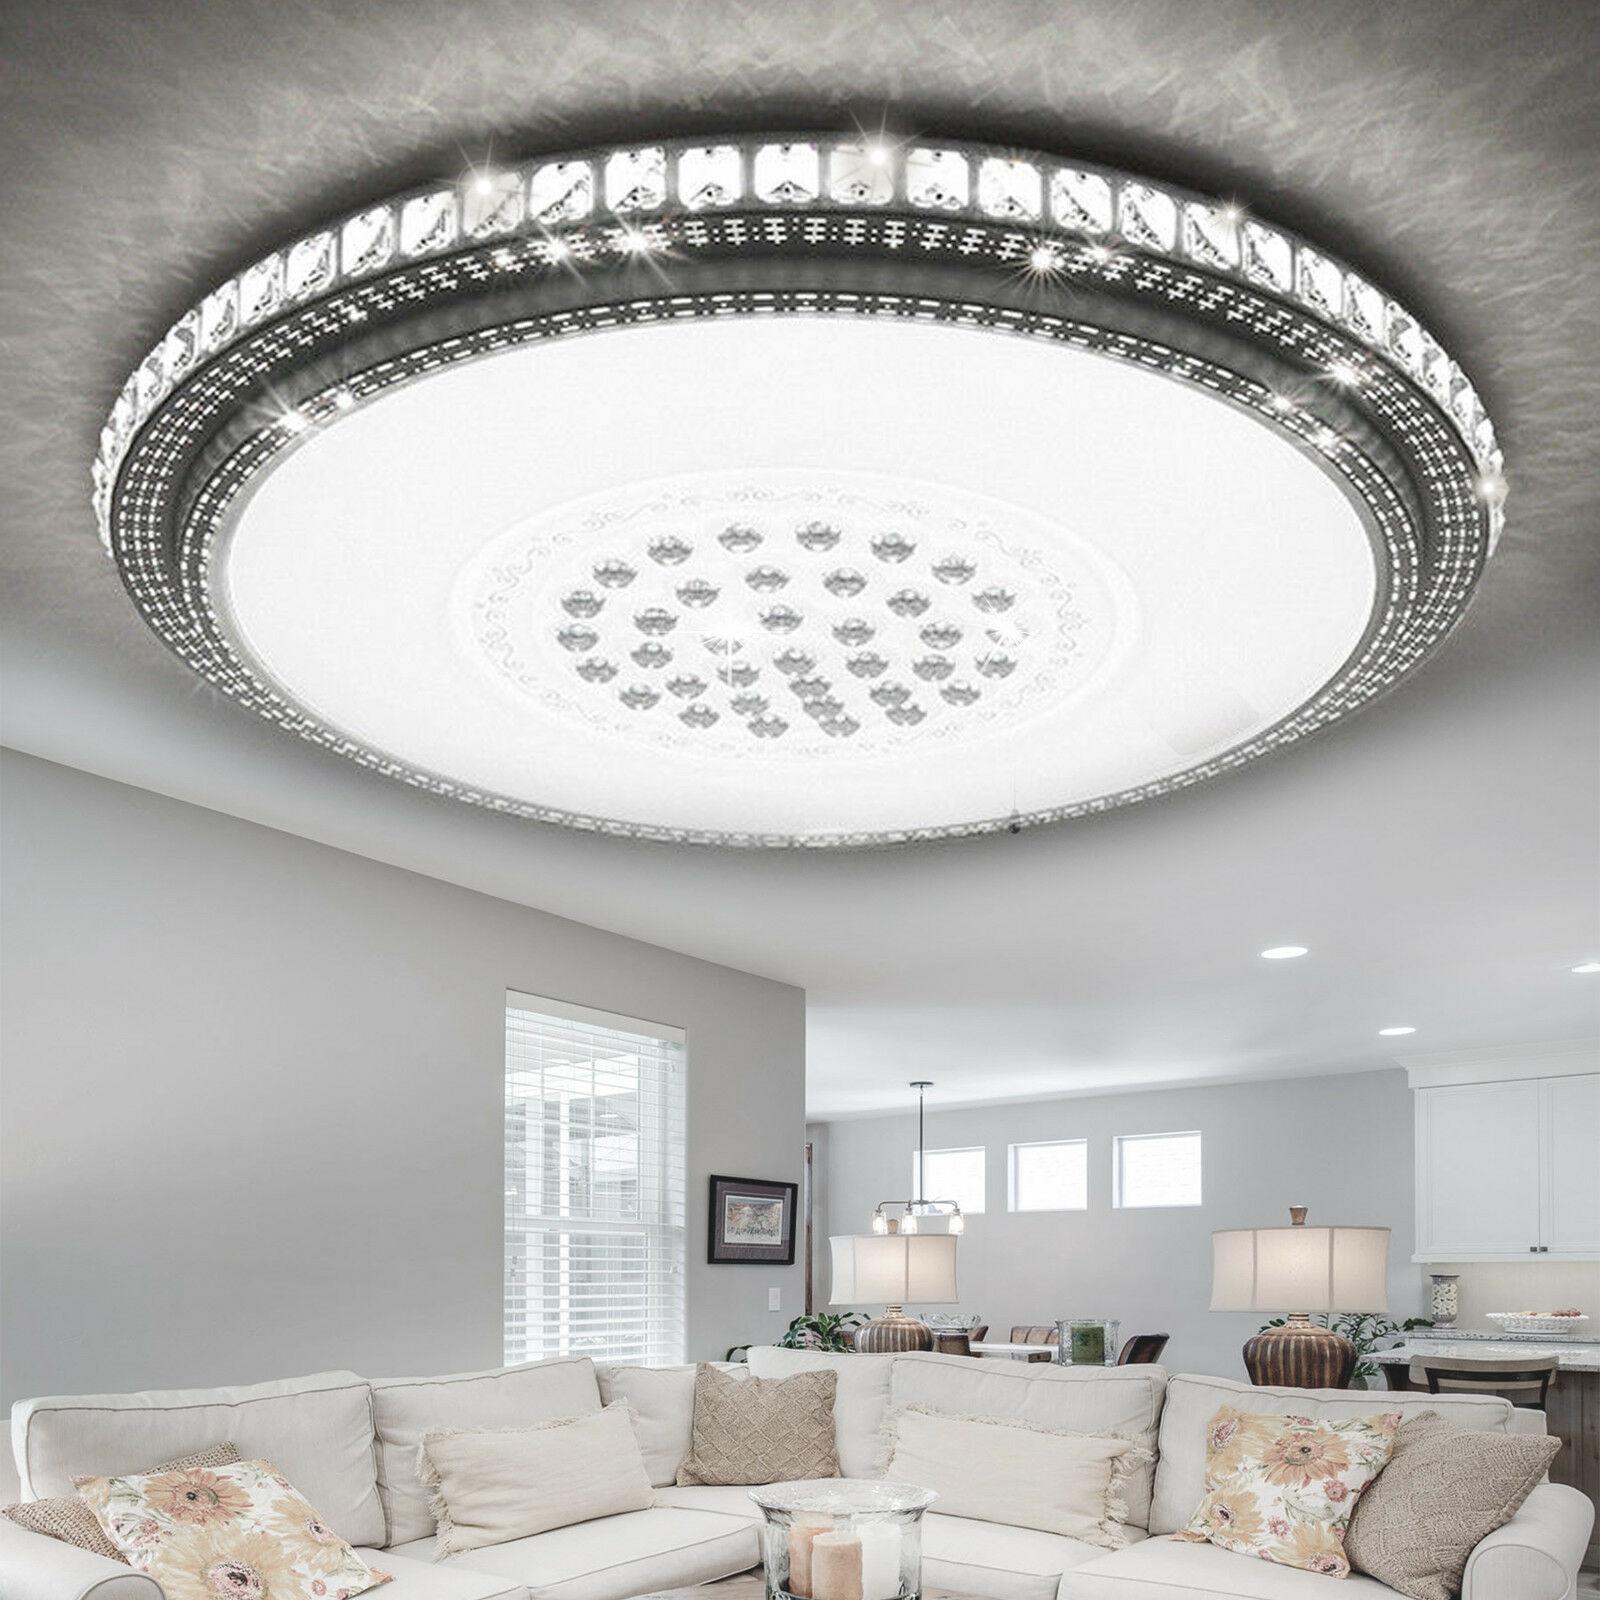 Full Size of Wohnzimmer Deckenleuchten Led Dimmbar Deckenleuchte Ideen Modern Ikea Design Mit Fernbedienung Messing Details Zu Elegant 36w 96w Kristall Deckenlampe Lampe Wohnzimmer Wohnzimmer Deckenleuchten